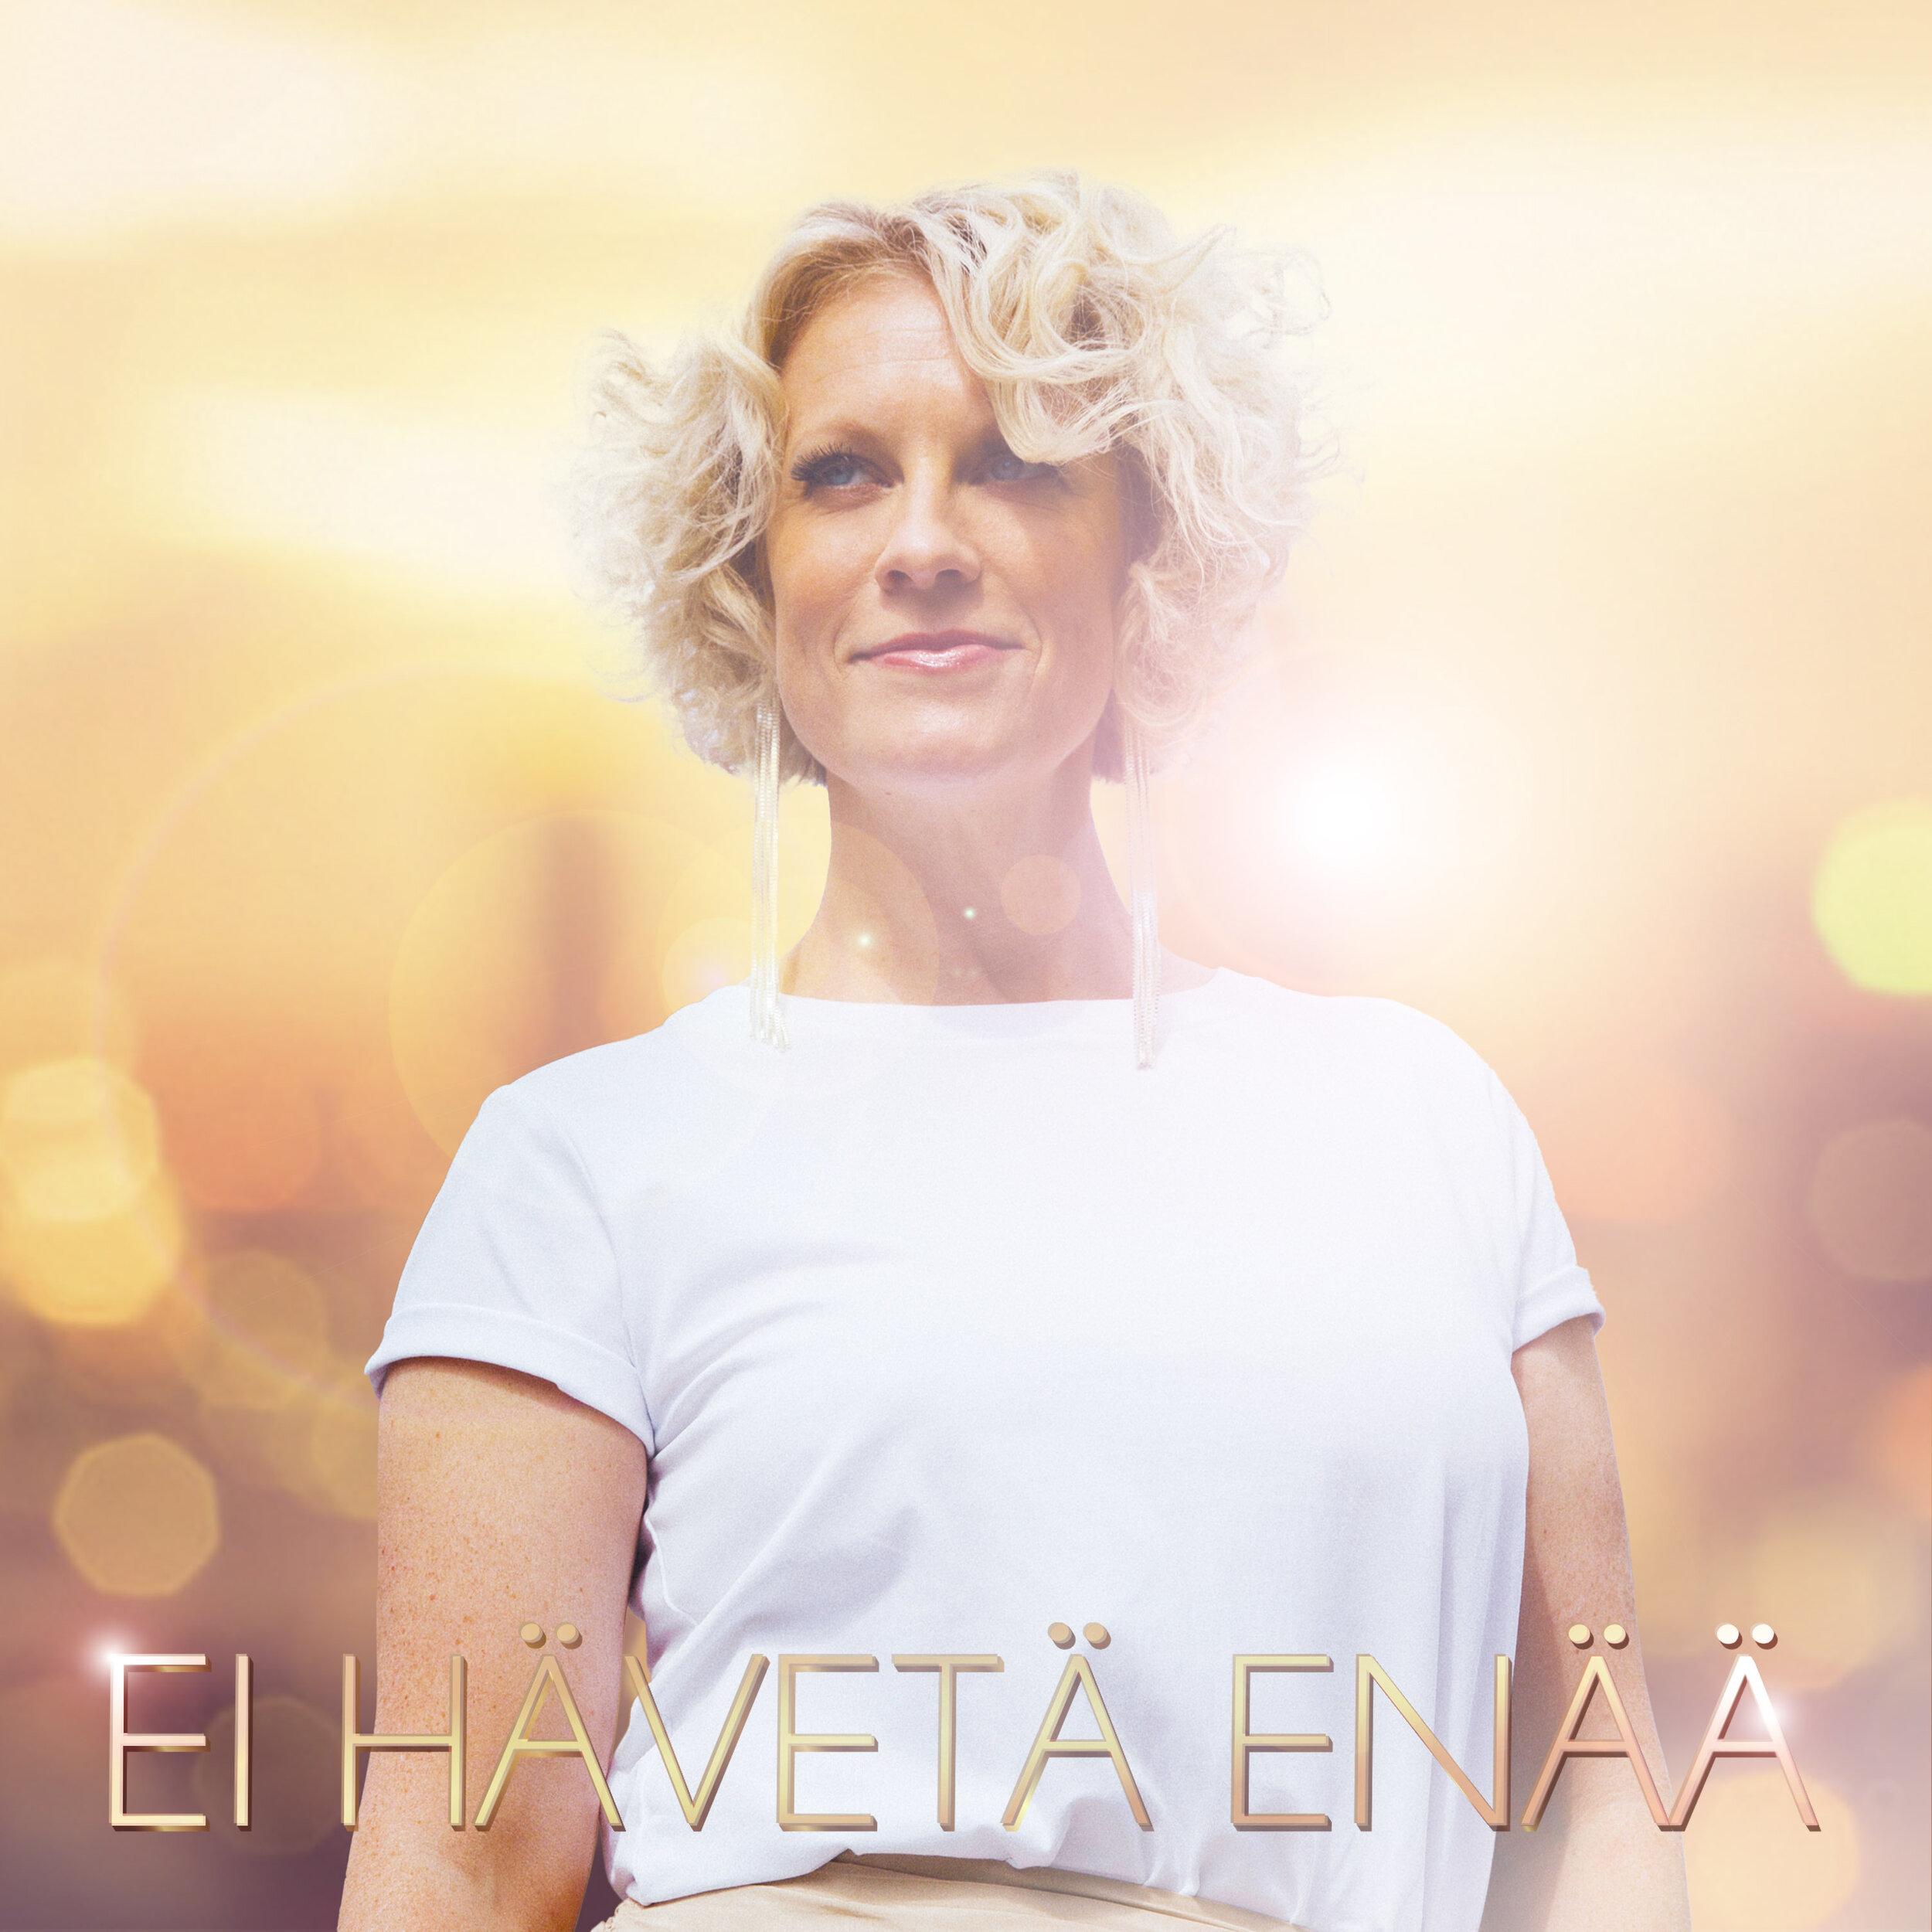 Laura Voutilainen julkaisee uuden singlen Ei hävetä enää — Kaiku  Entertainment